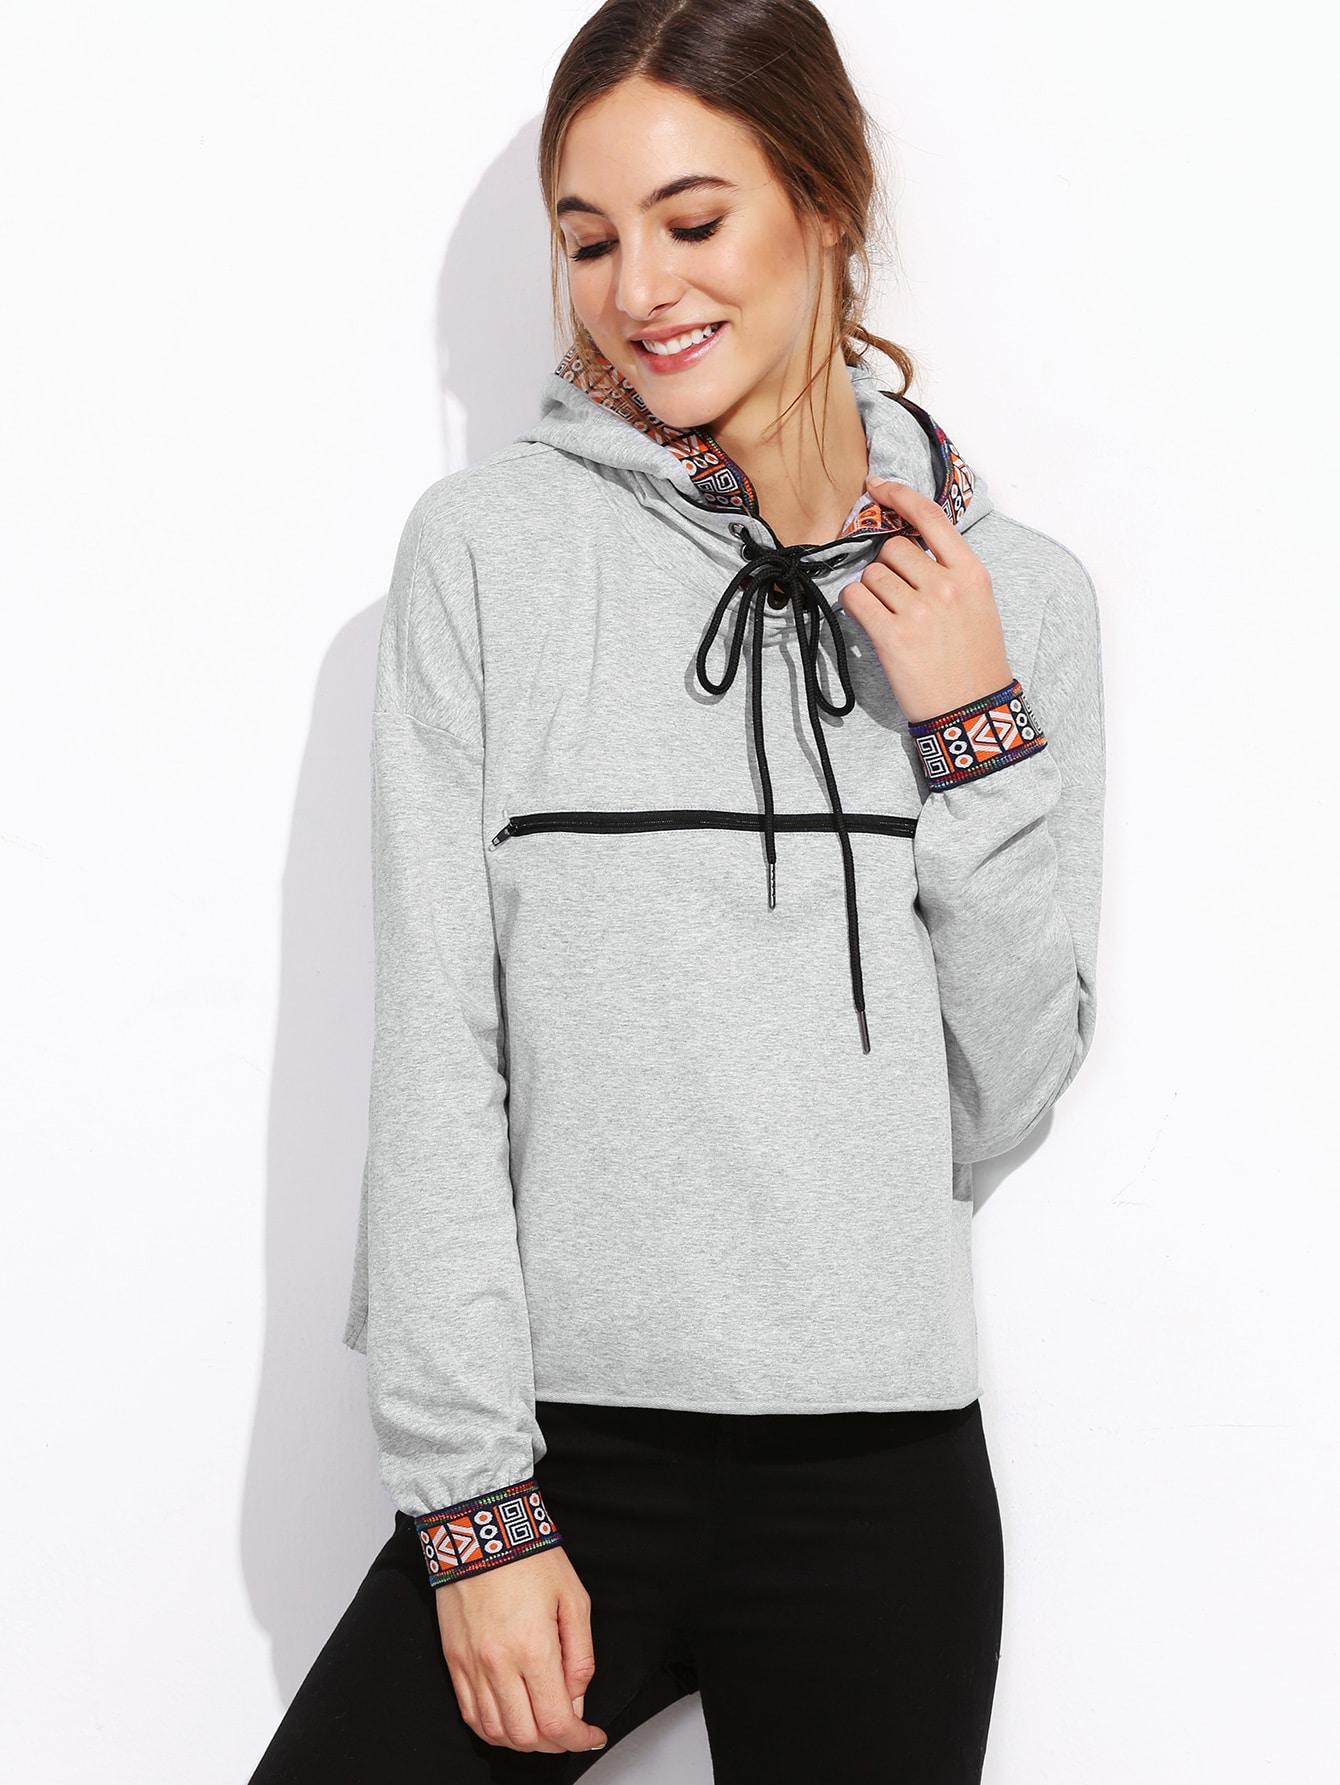 Heather Grey Geo Trim Zip Front Hoodie sweatshirt161011711